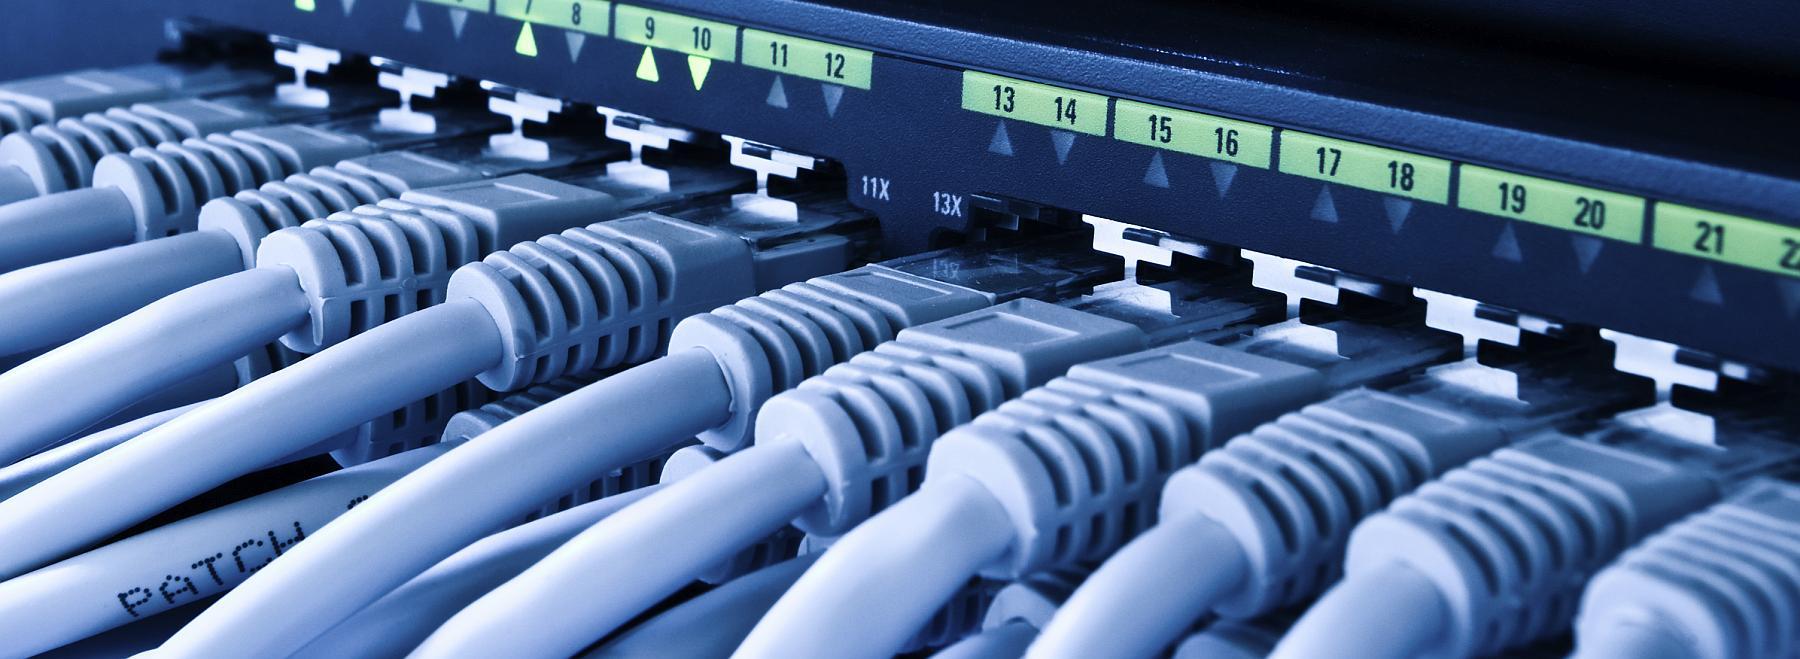 Организация кабельных сетей и систем